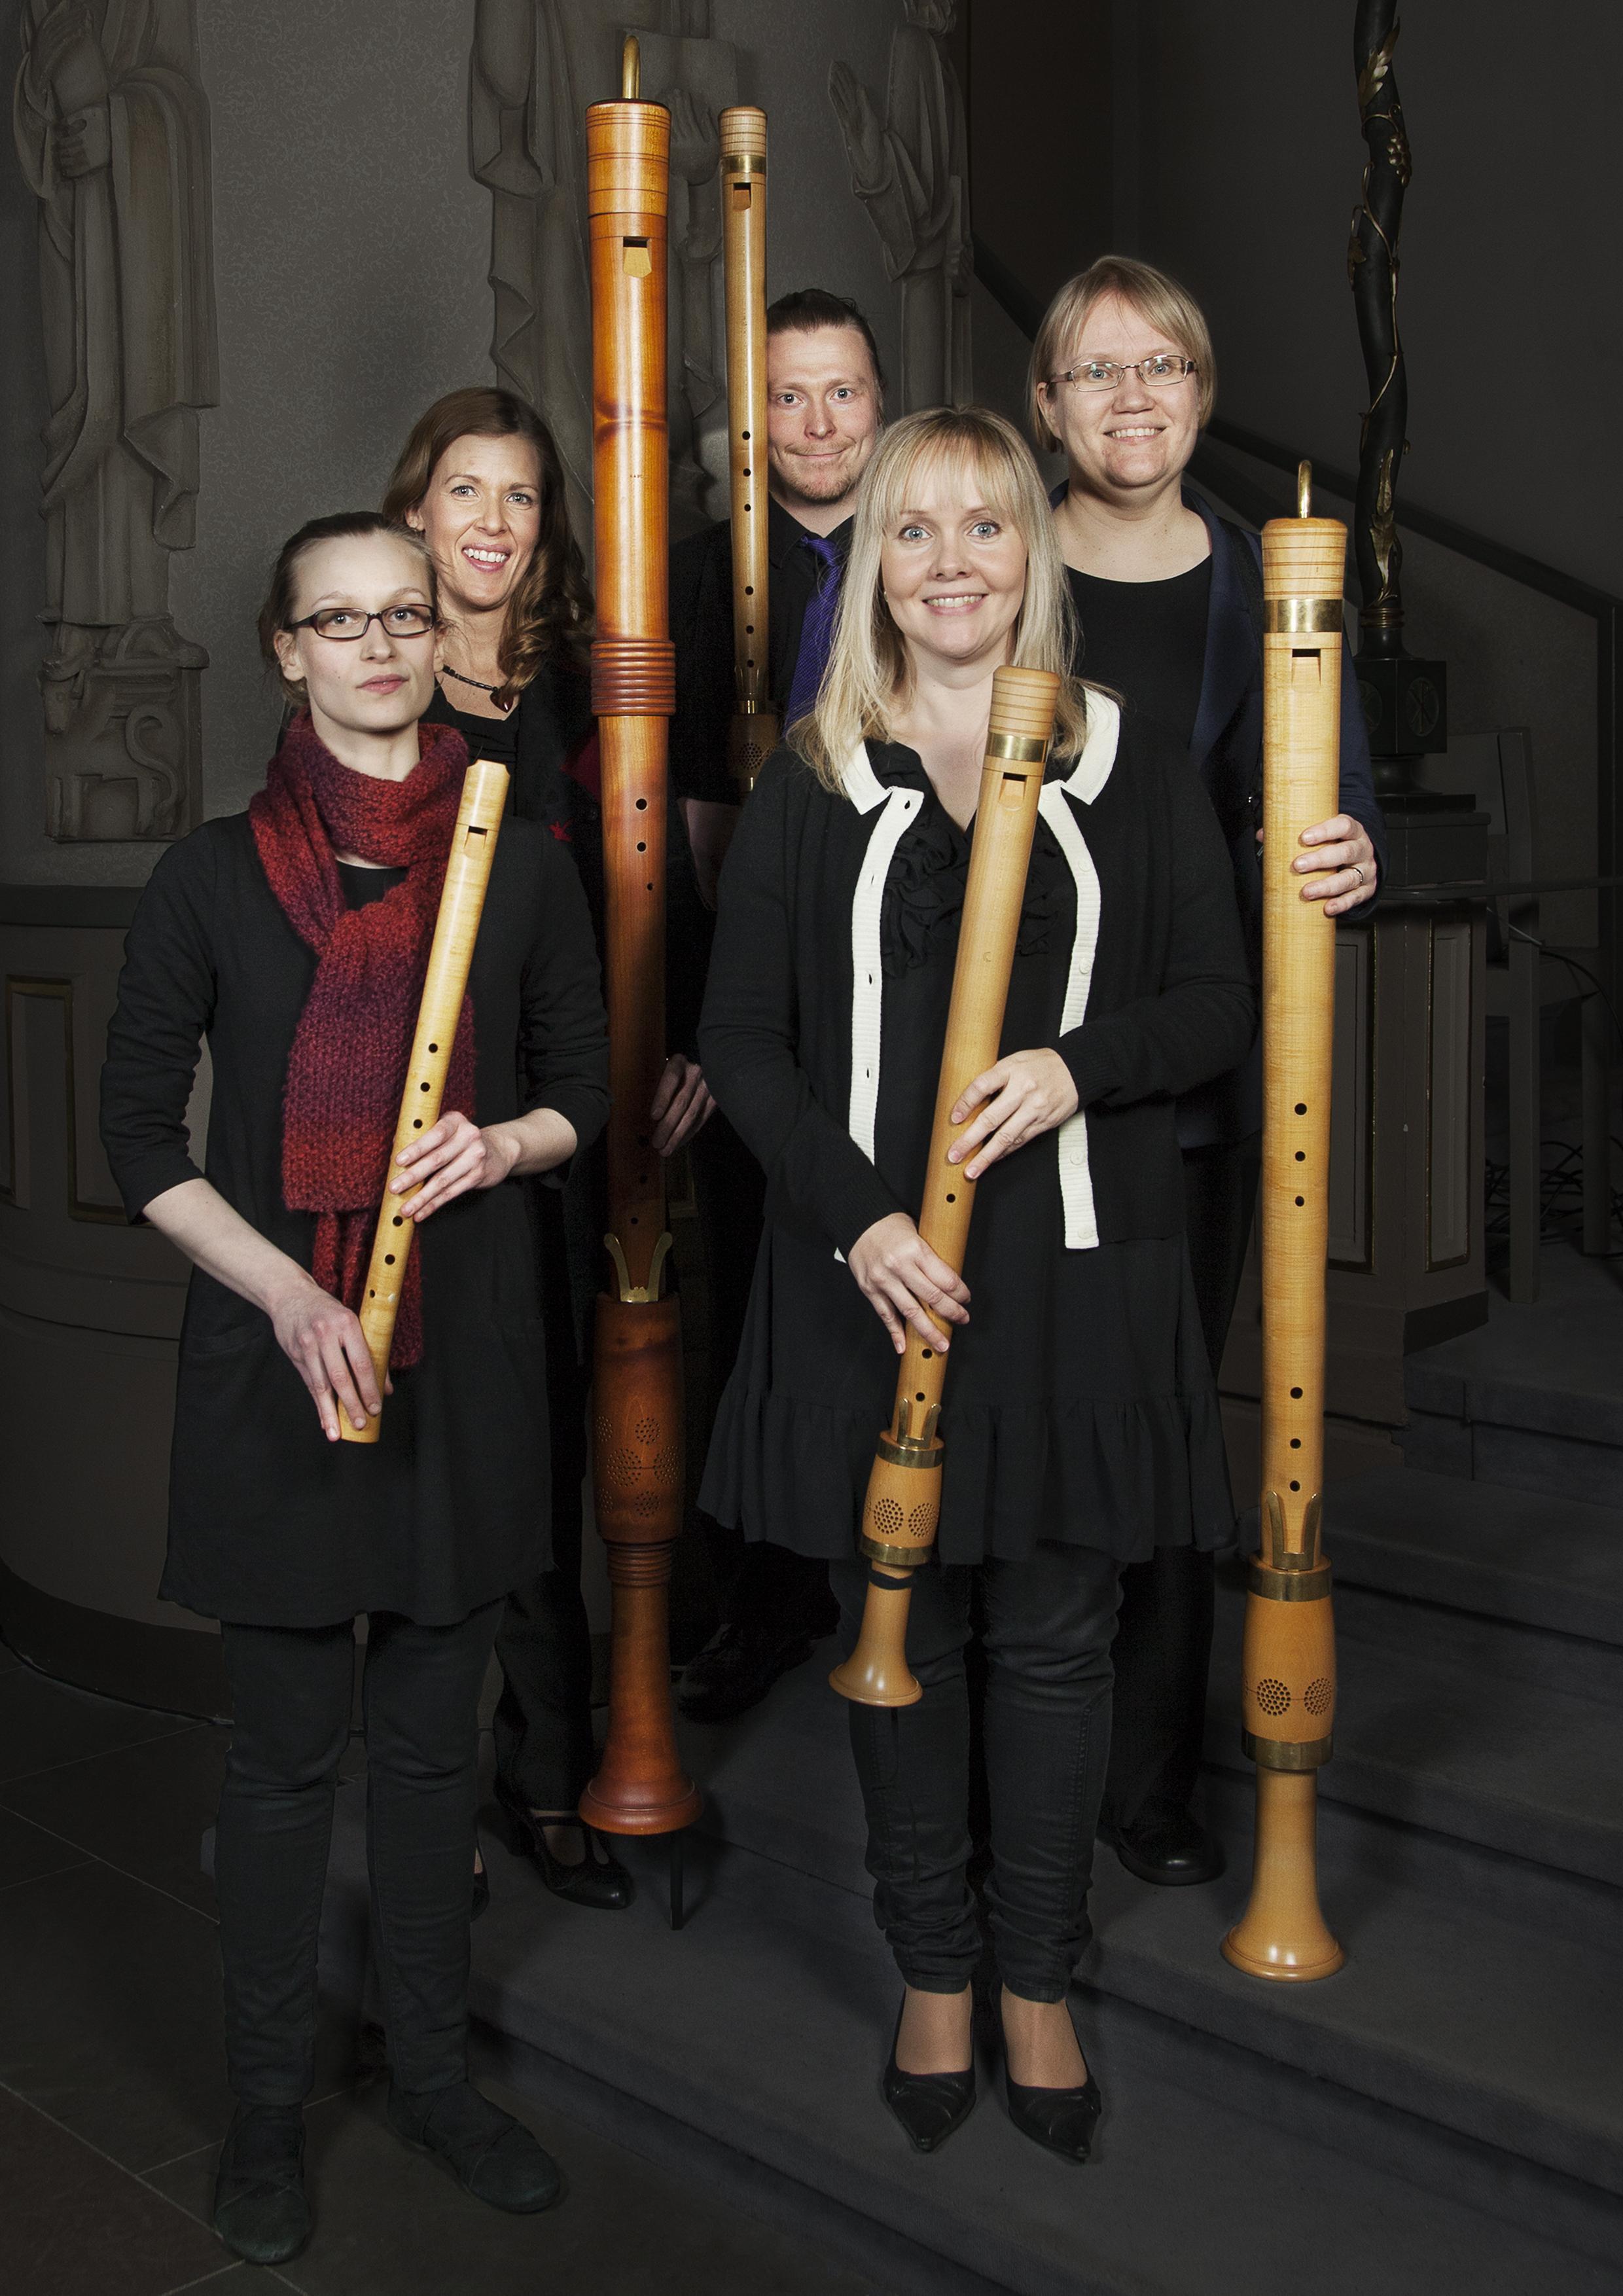 Nokkahuiluyhtye Q Consort Aurore – Renessanssimusiikkijuhlilla tammikuussa 2014. Kuva © Aurore / Noora Lehtovuori.